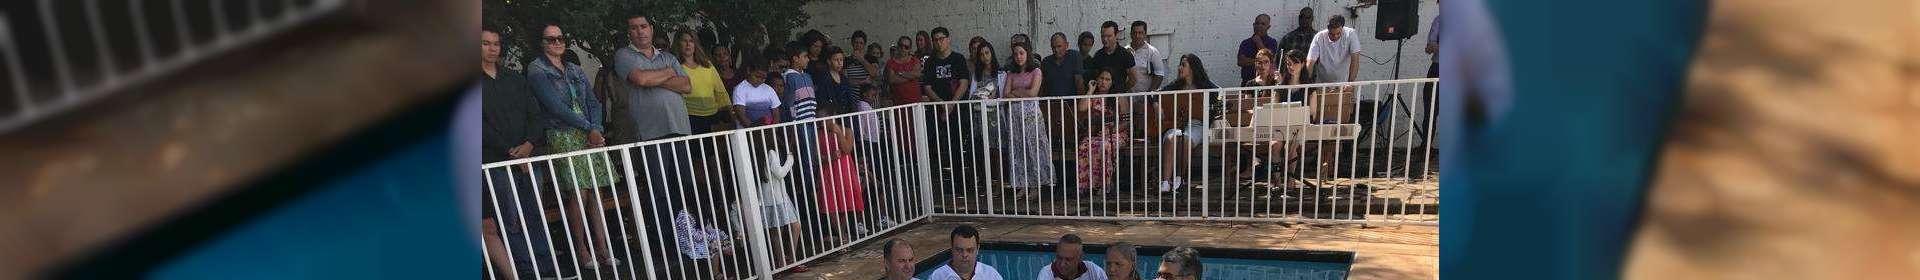 Igrejas Cristã Maranata realizam cultos de batismo ao longo do mês de maio